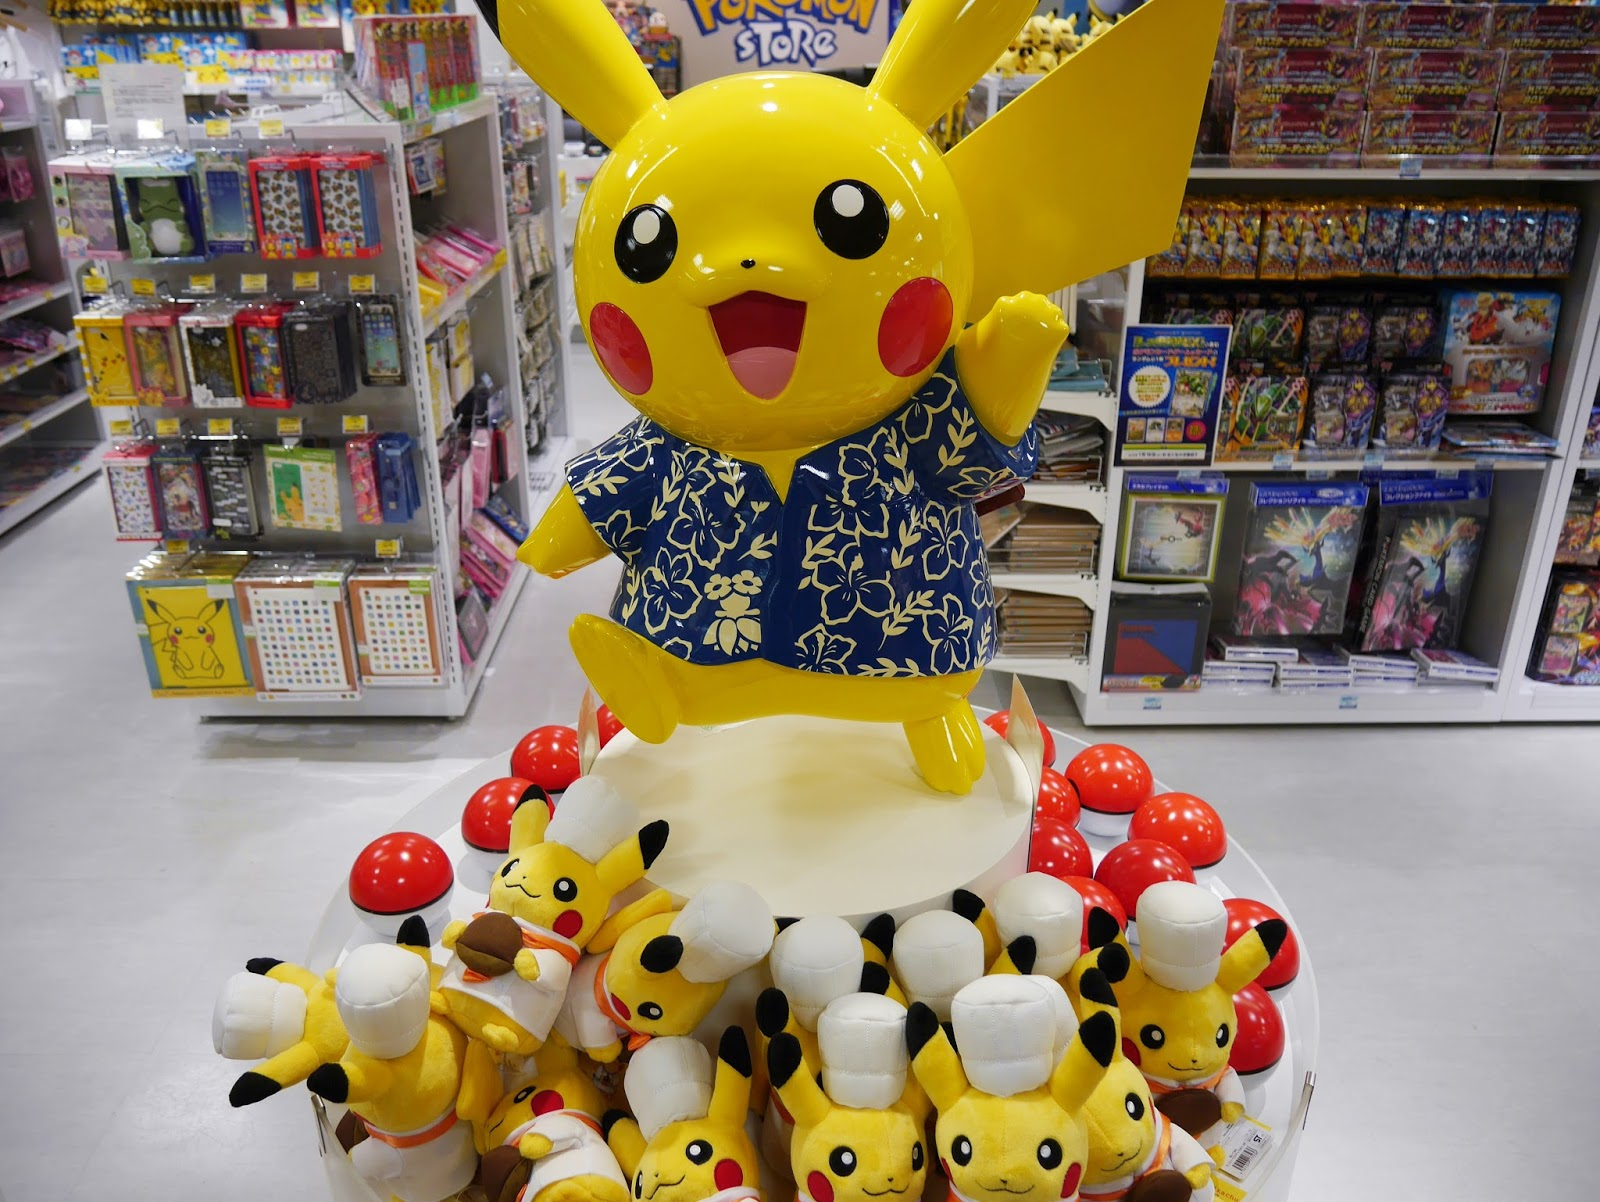 沖繩-皮卡丘-寶可夢-花襯衫-國際通-Okinawa-pokemon